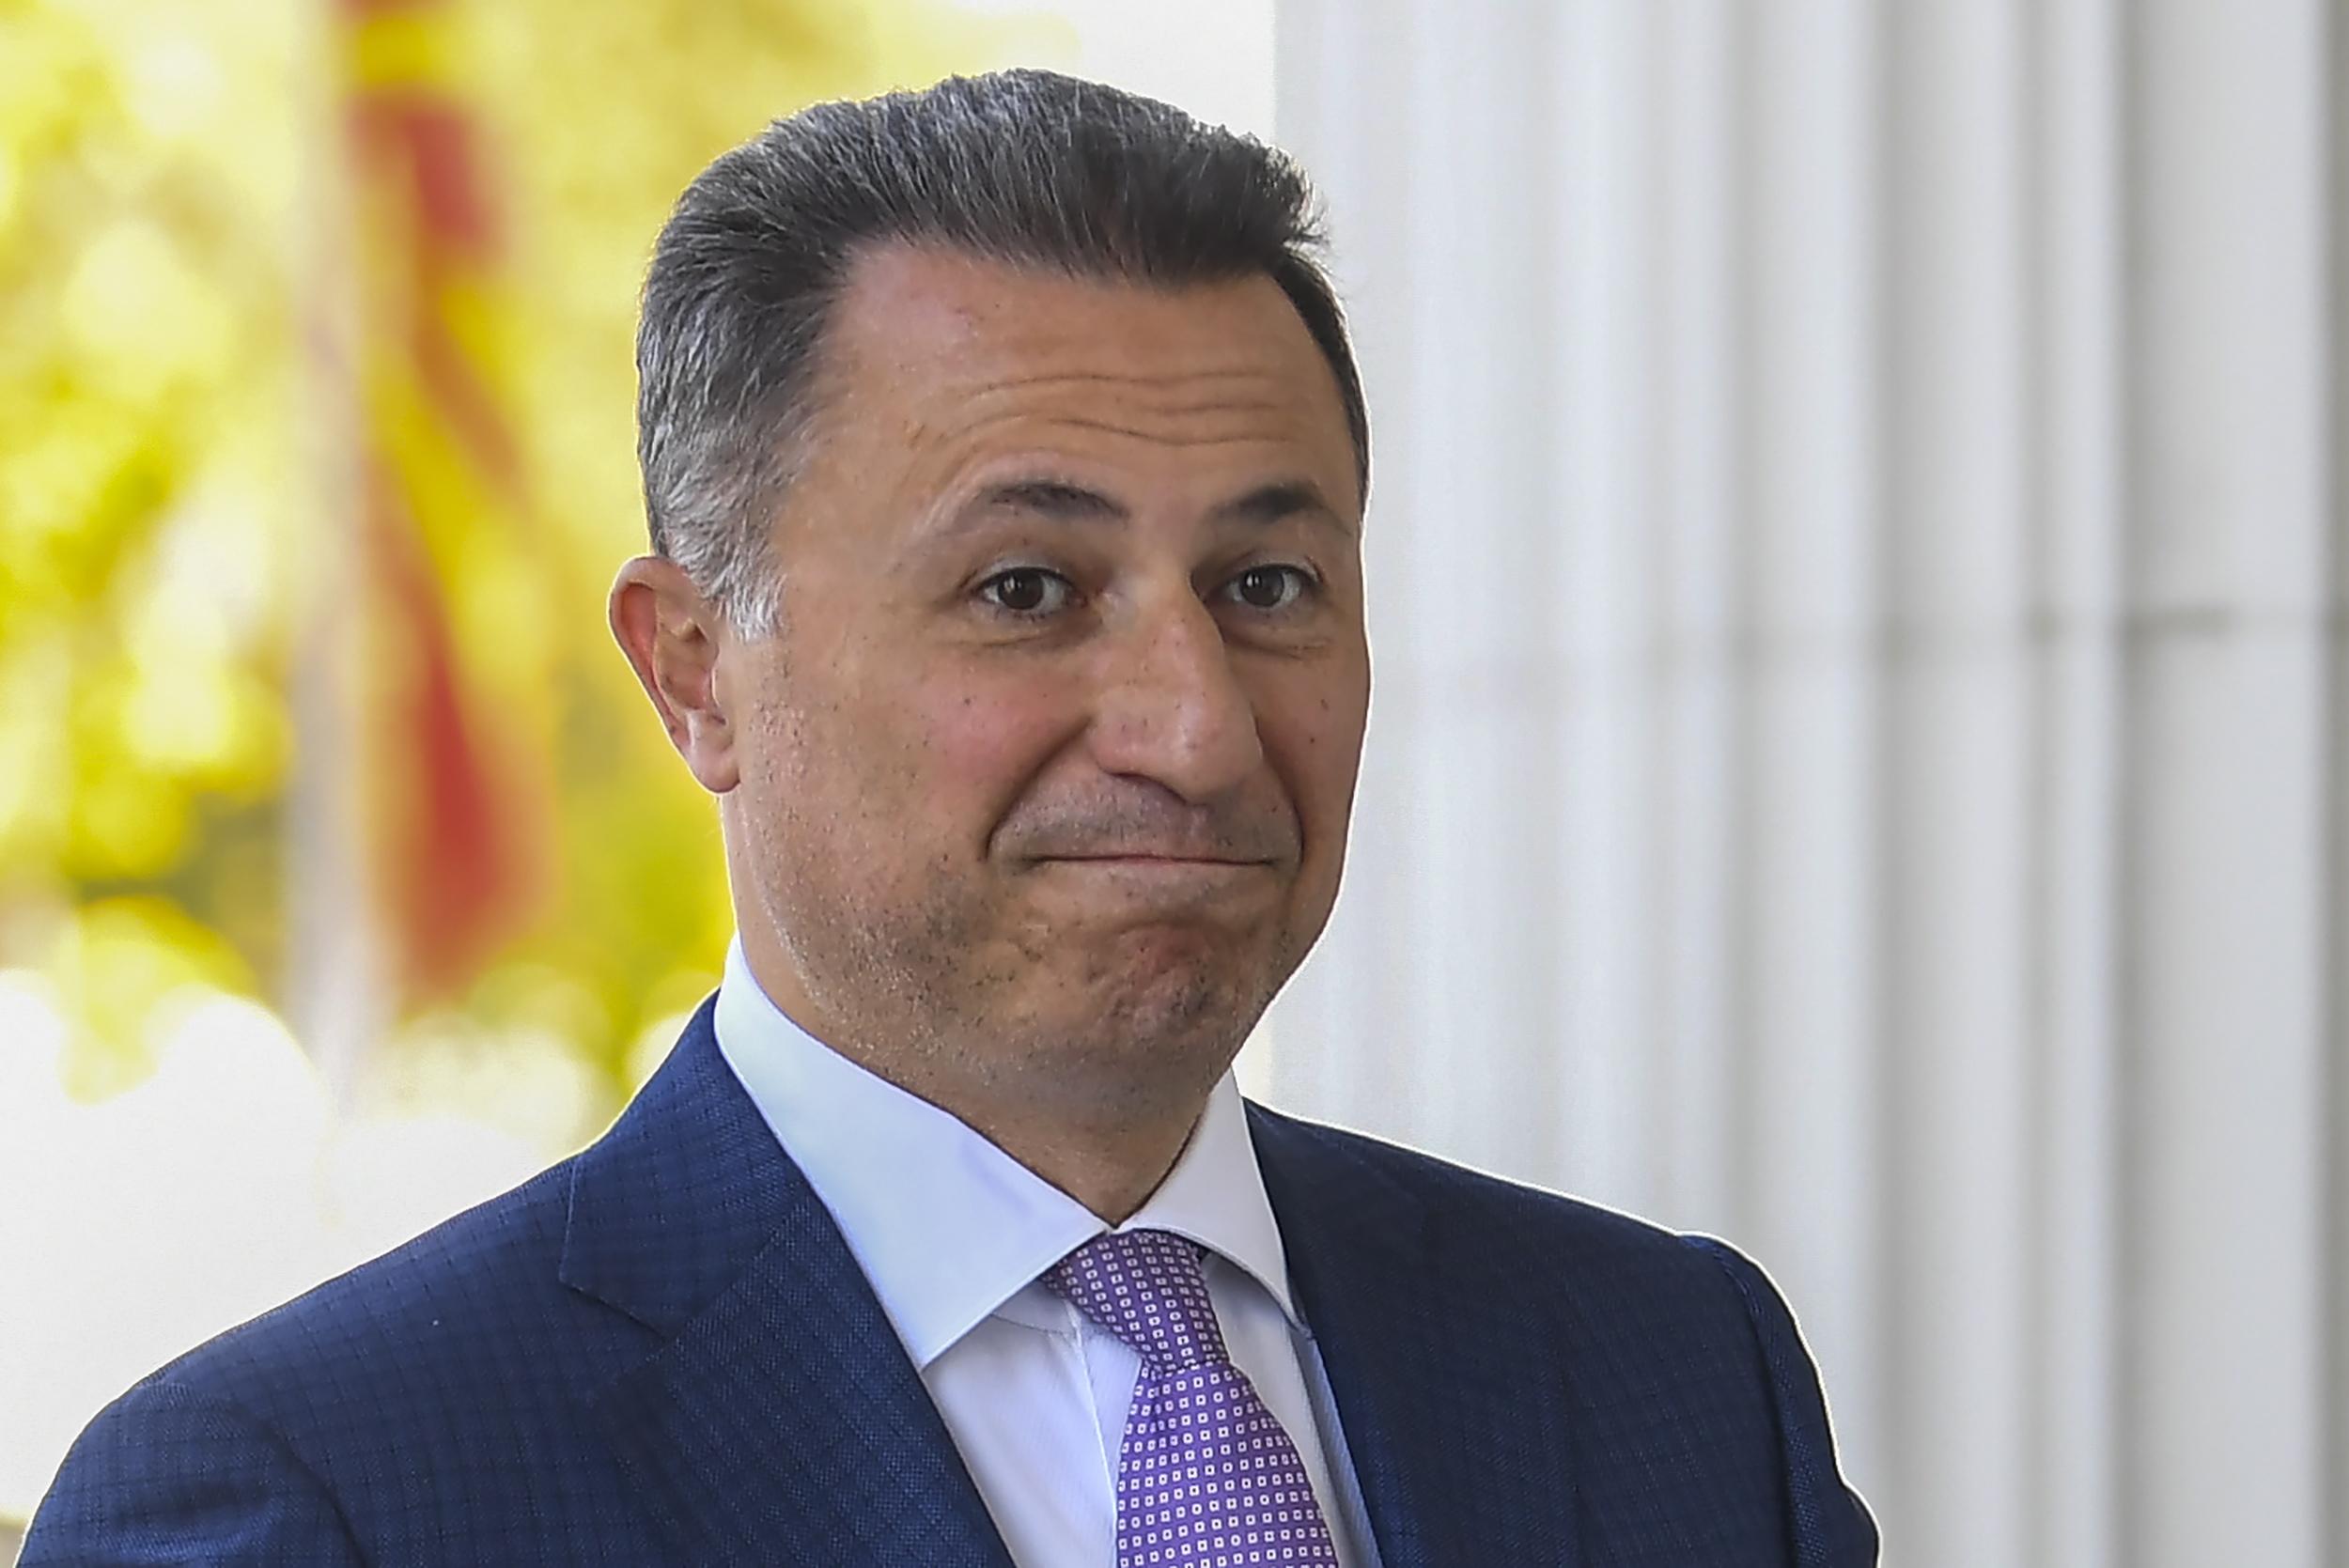 Gurevski kaže da je dobio azil u Mađarskoj